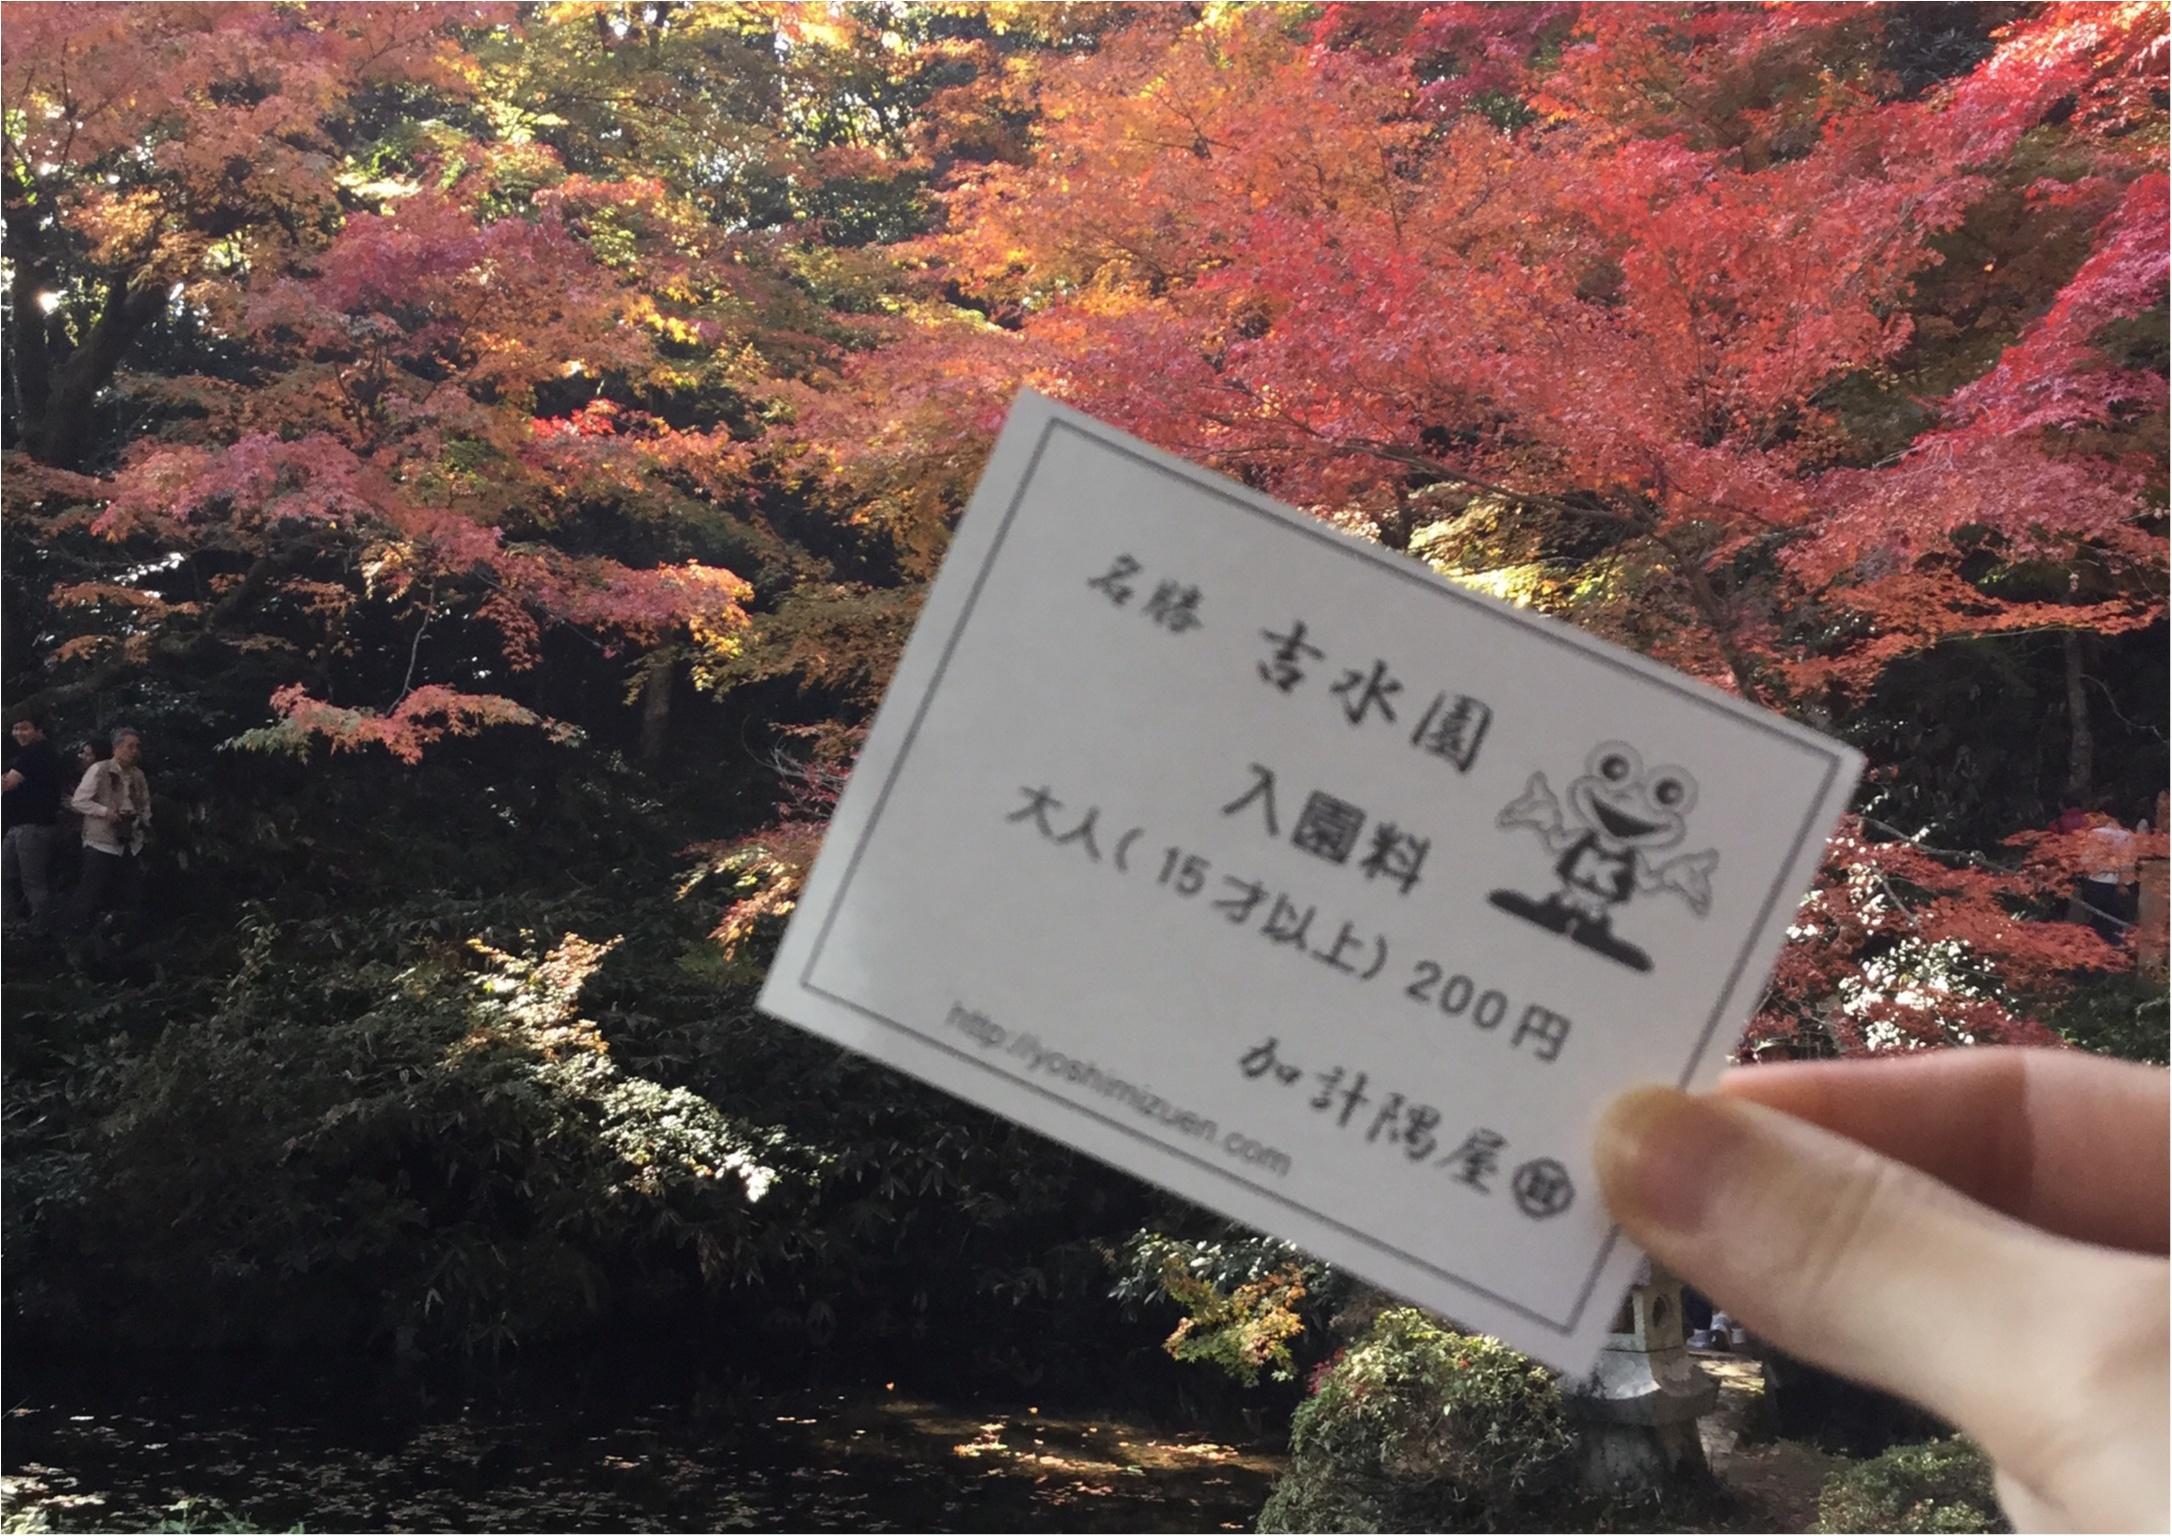 【#紅葉デート】春と秋に2週の週末しか一般公開されない!広島県を代表する紅葉スポット『吉水園』♡_4